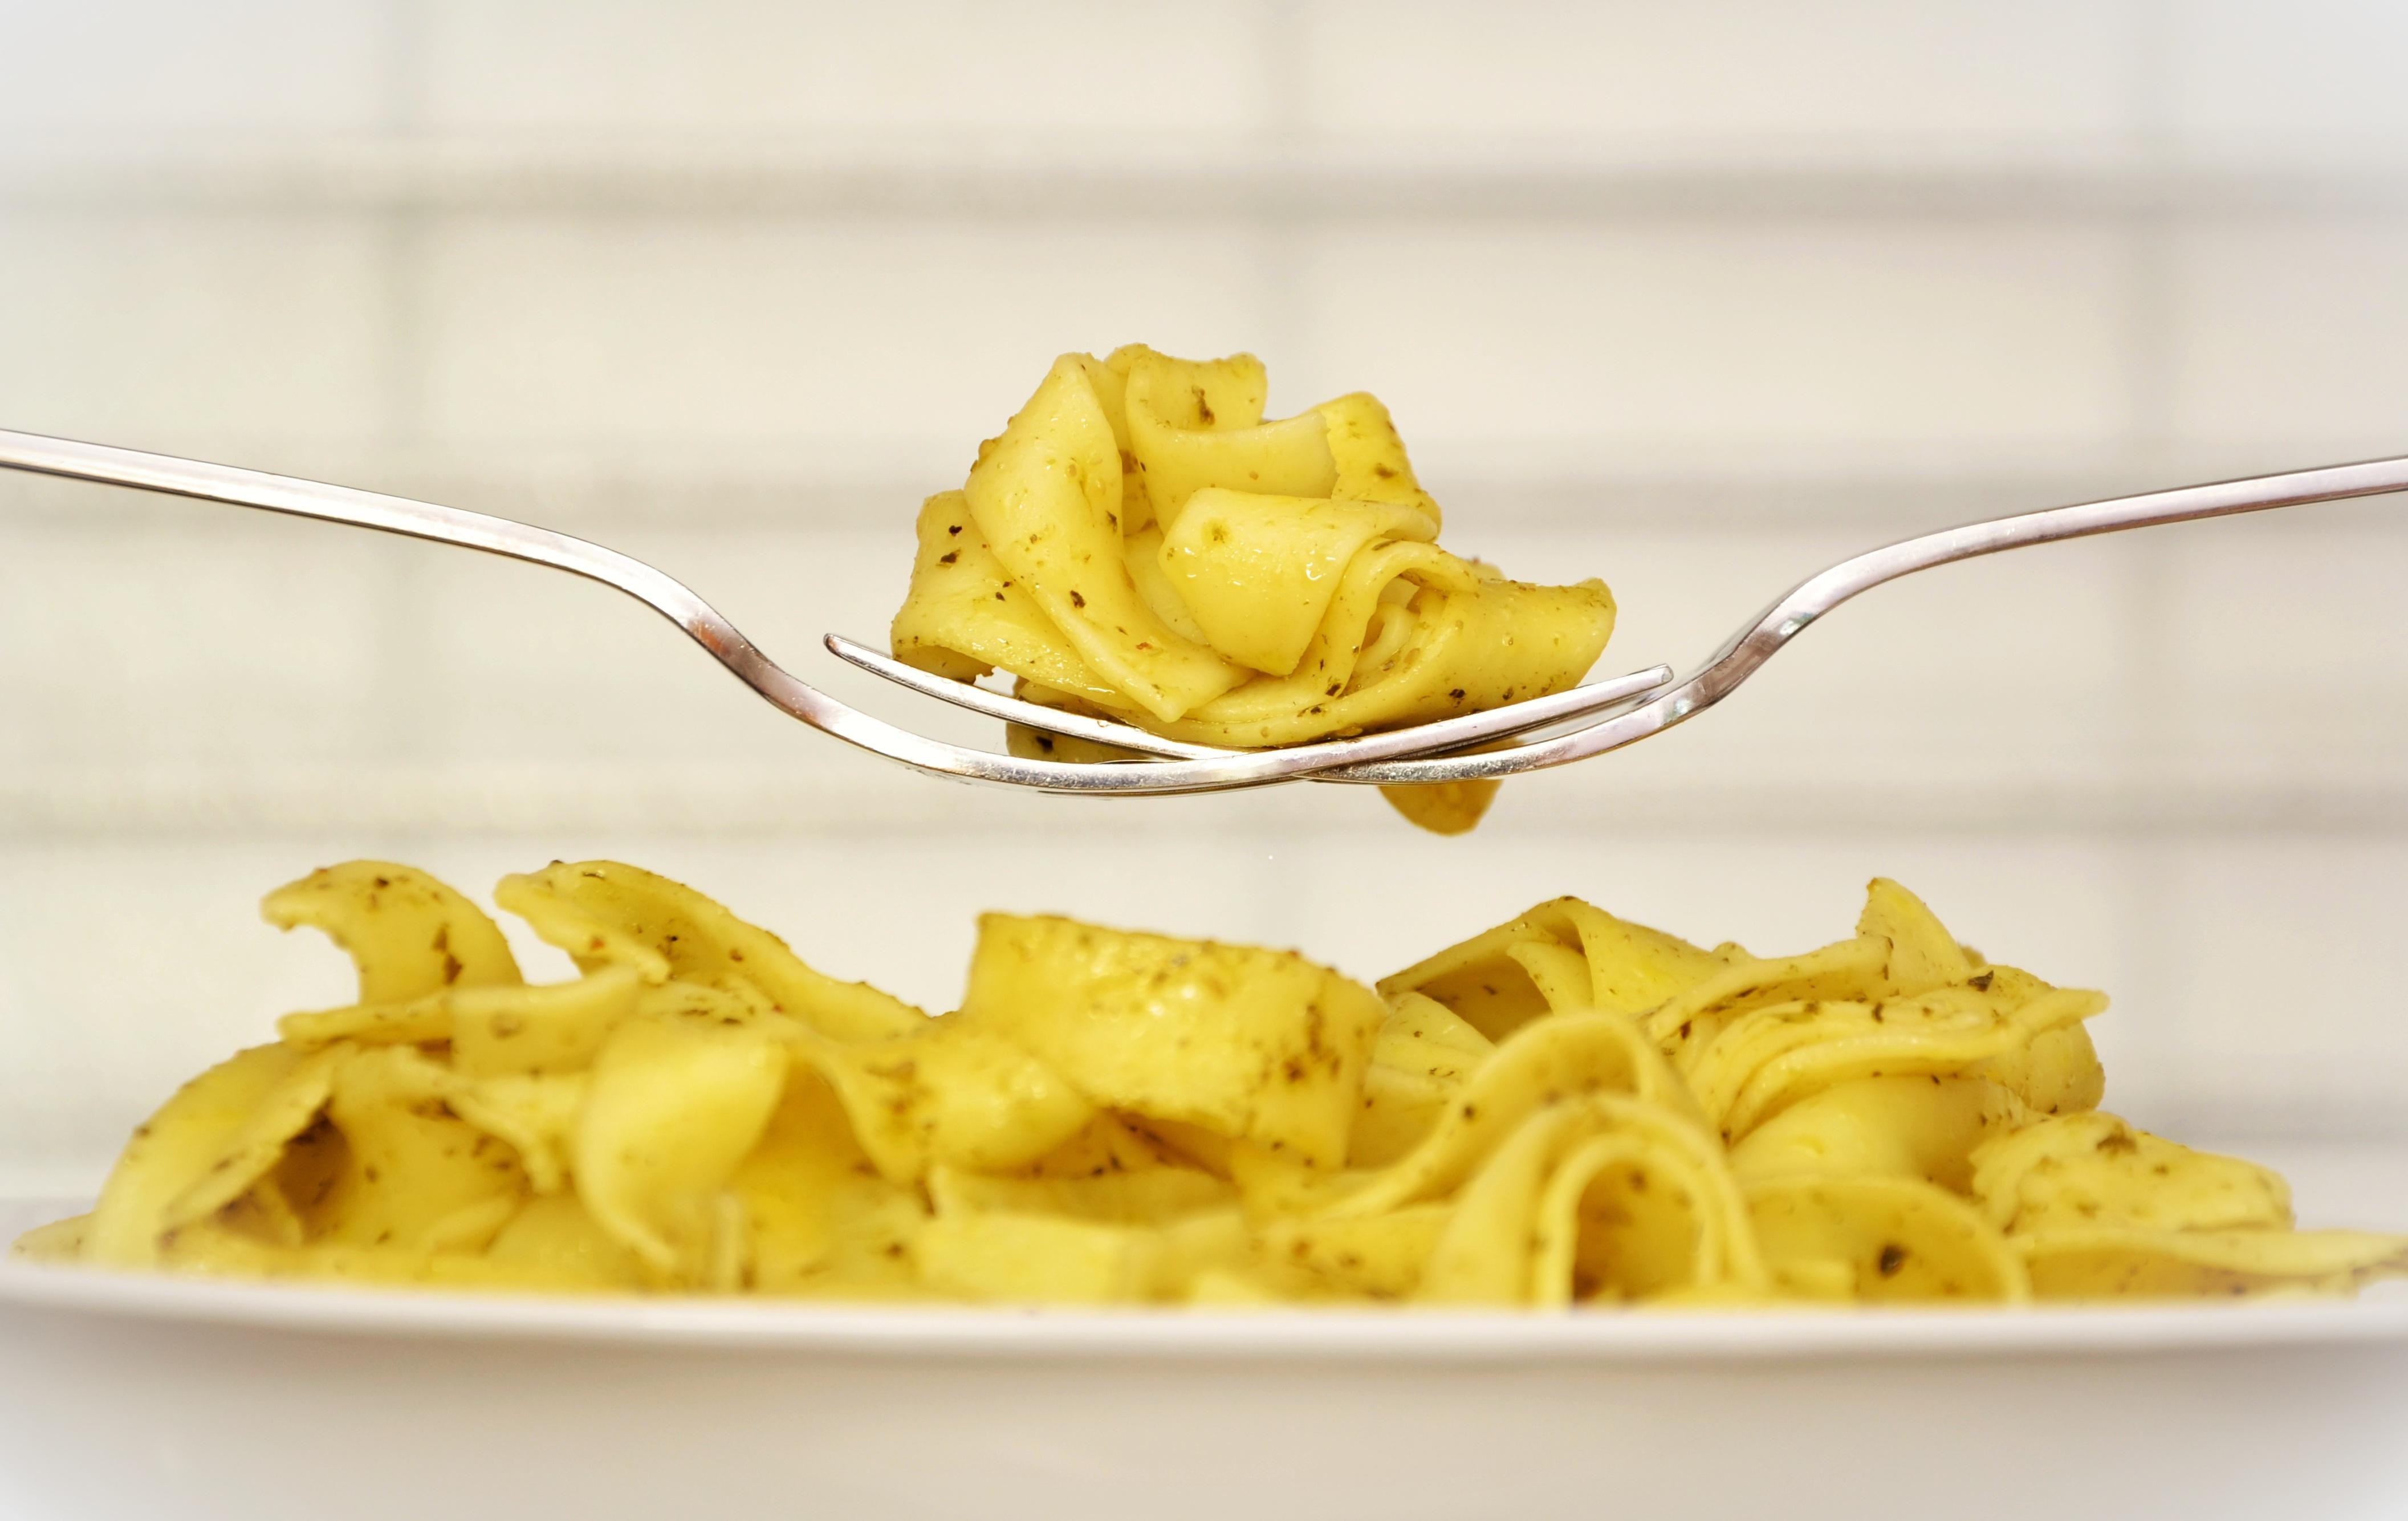 Immagini belle produrre verdura mangiare pranzo for Cucinare noodles